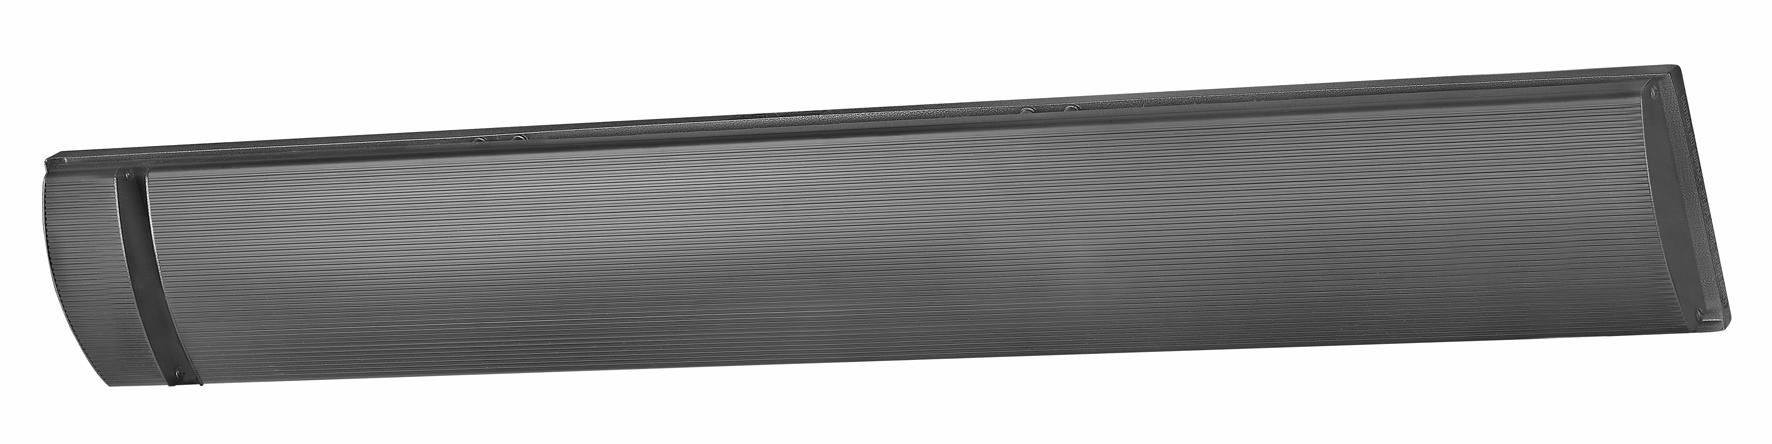 eurom heatpanel dunkelstrahler terrasse klima vertrieb. Black Bedroom Furniture Sets. Home Design Ideas